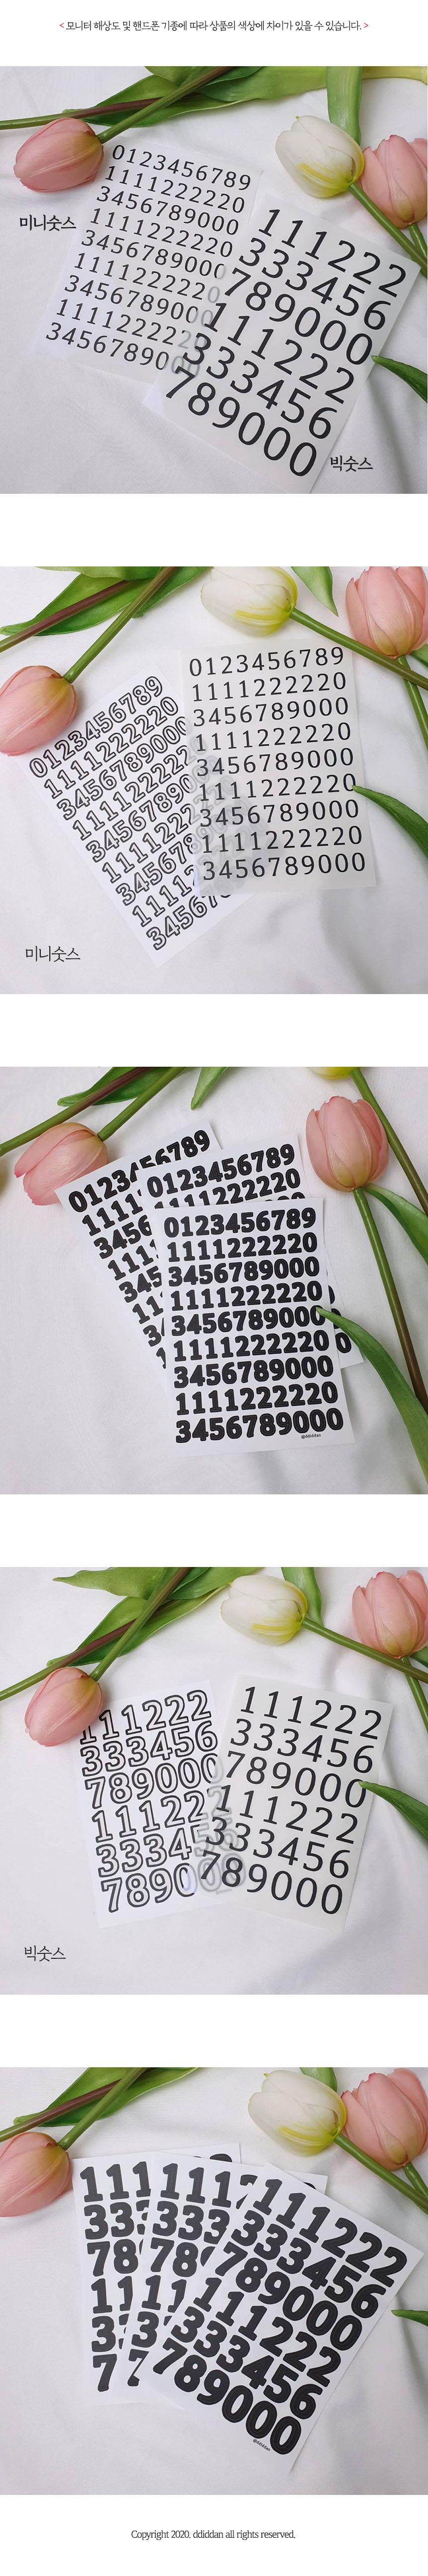 심플 블랙 숫자 씰스티커1,500원-카다디아마스디자인문구, 데코레이션, 스티커, 문자/숫자 스티커바보사랑심플 블랙 숫자 씰스티커1,500원-카다디아마스디자인문구, 데코레이션, 스티커, 문자/숫자 스티커바보사랑